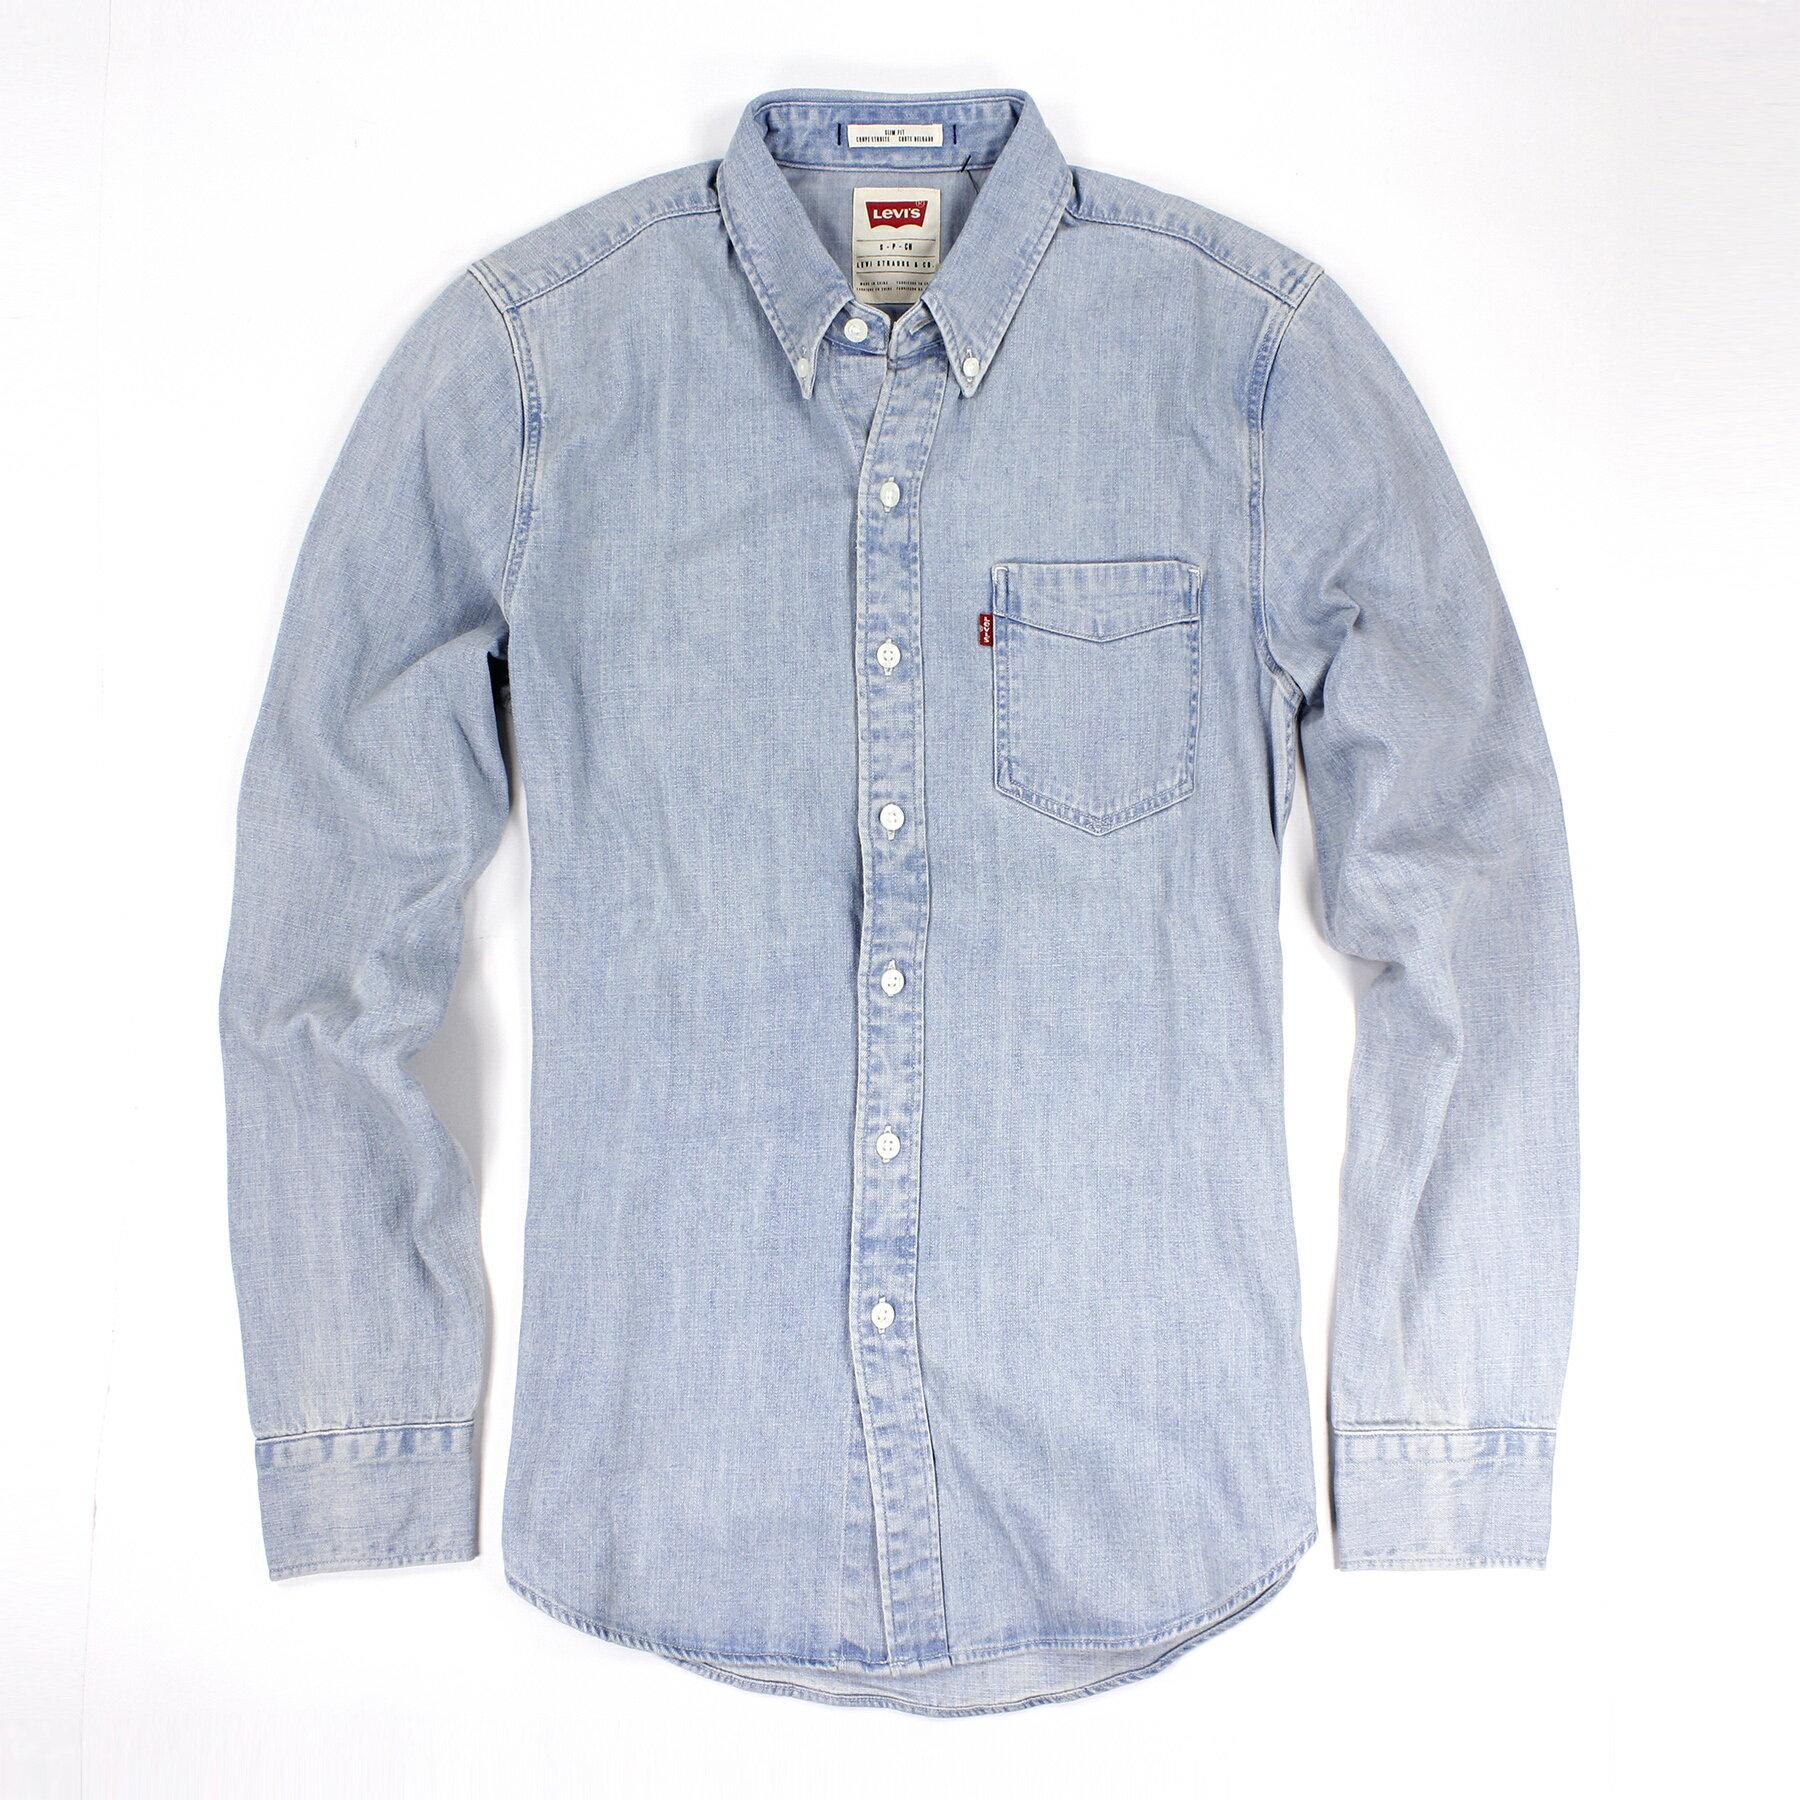 美國百分百【全新真品】Levis 襯衫 牛仔 口袋 經典 休閒 上衣 男衣 長袖 藍色 專櫃 S號